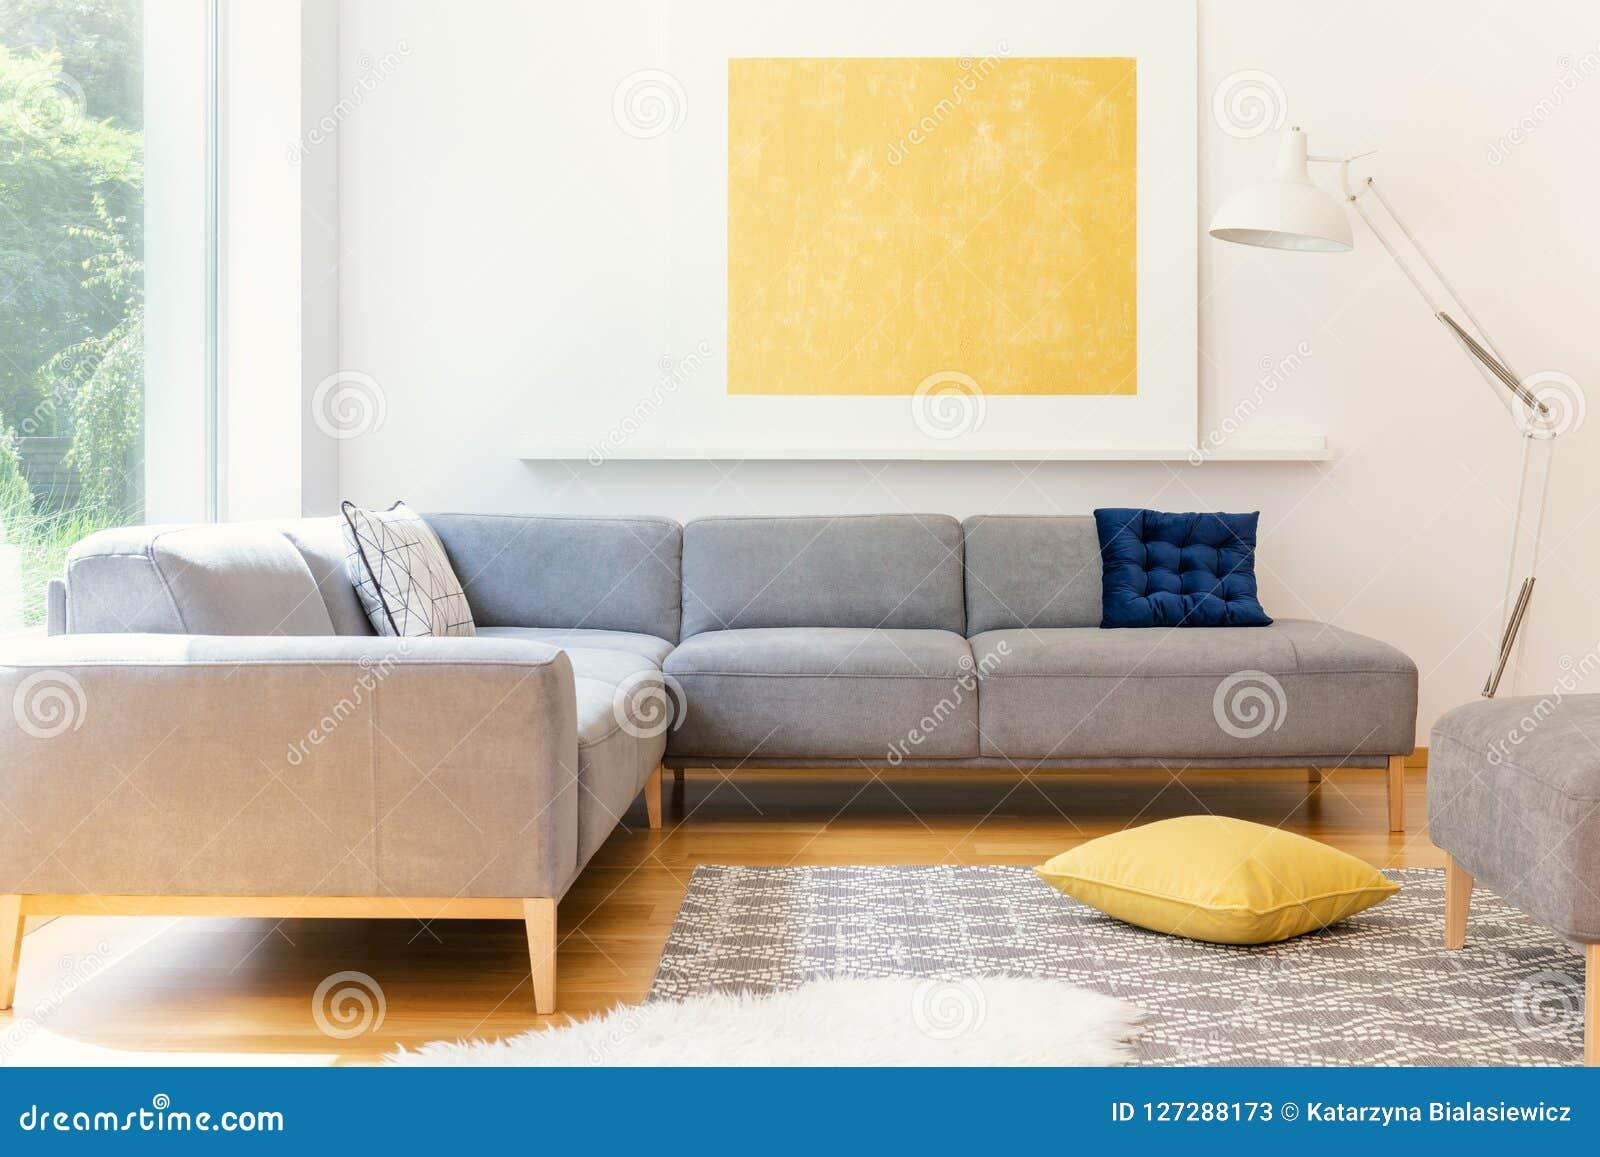 Une affiche minimaliste et jaune et un blanc, un lampadaire industriel dans un intérieur ensoleillé de salon avec une couverture